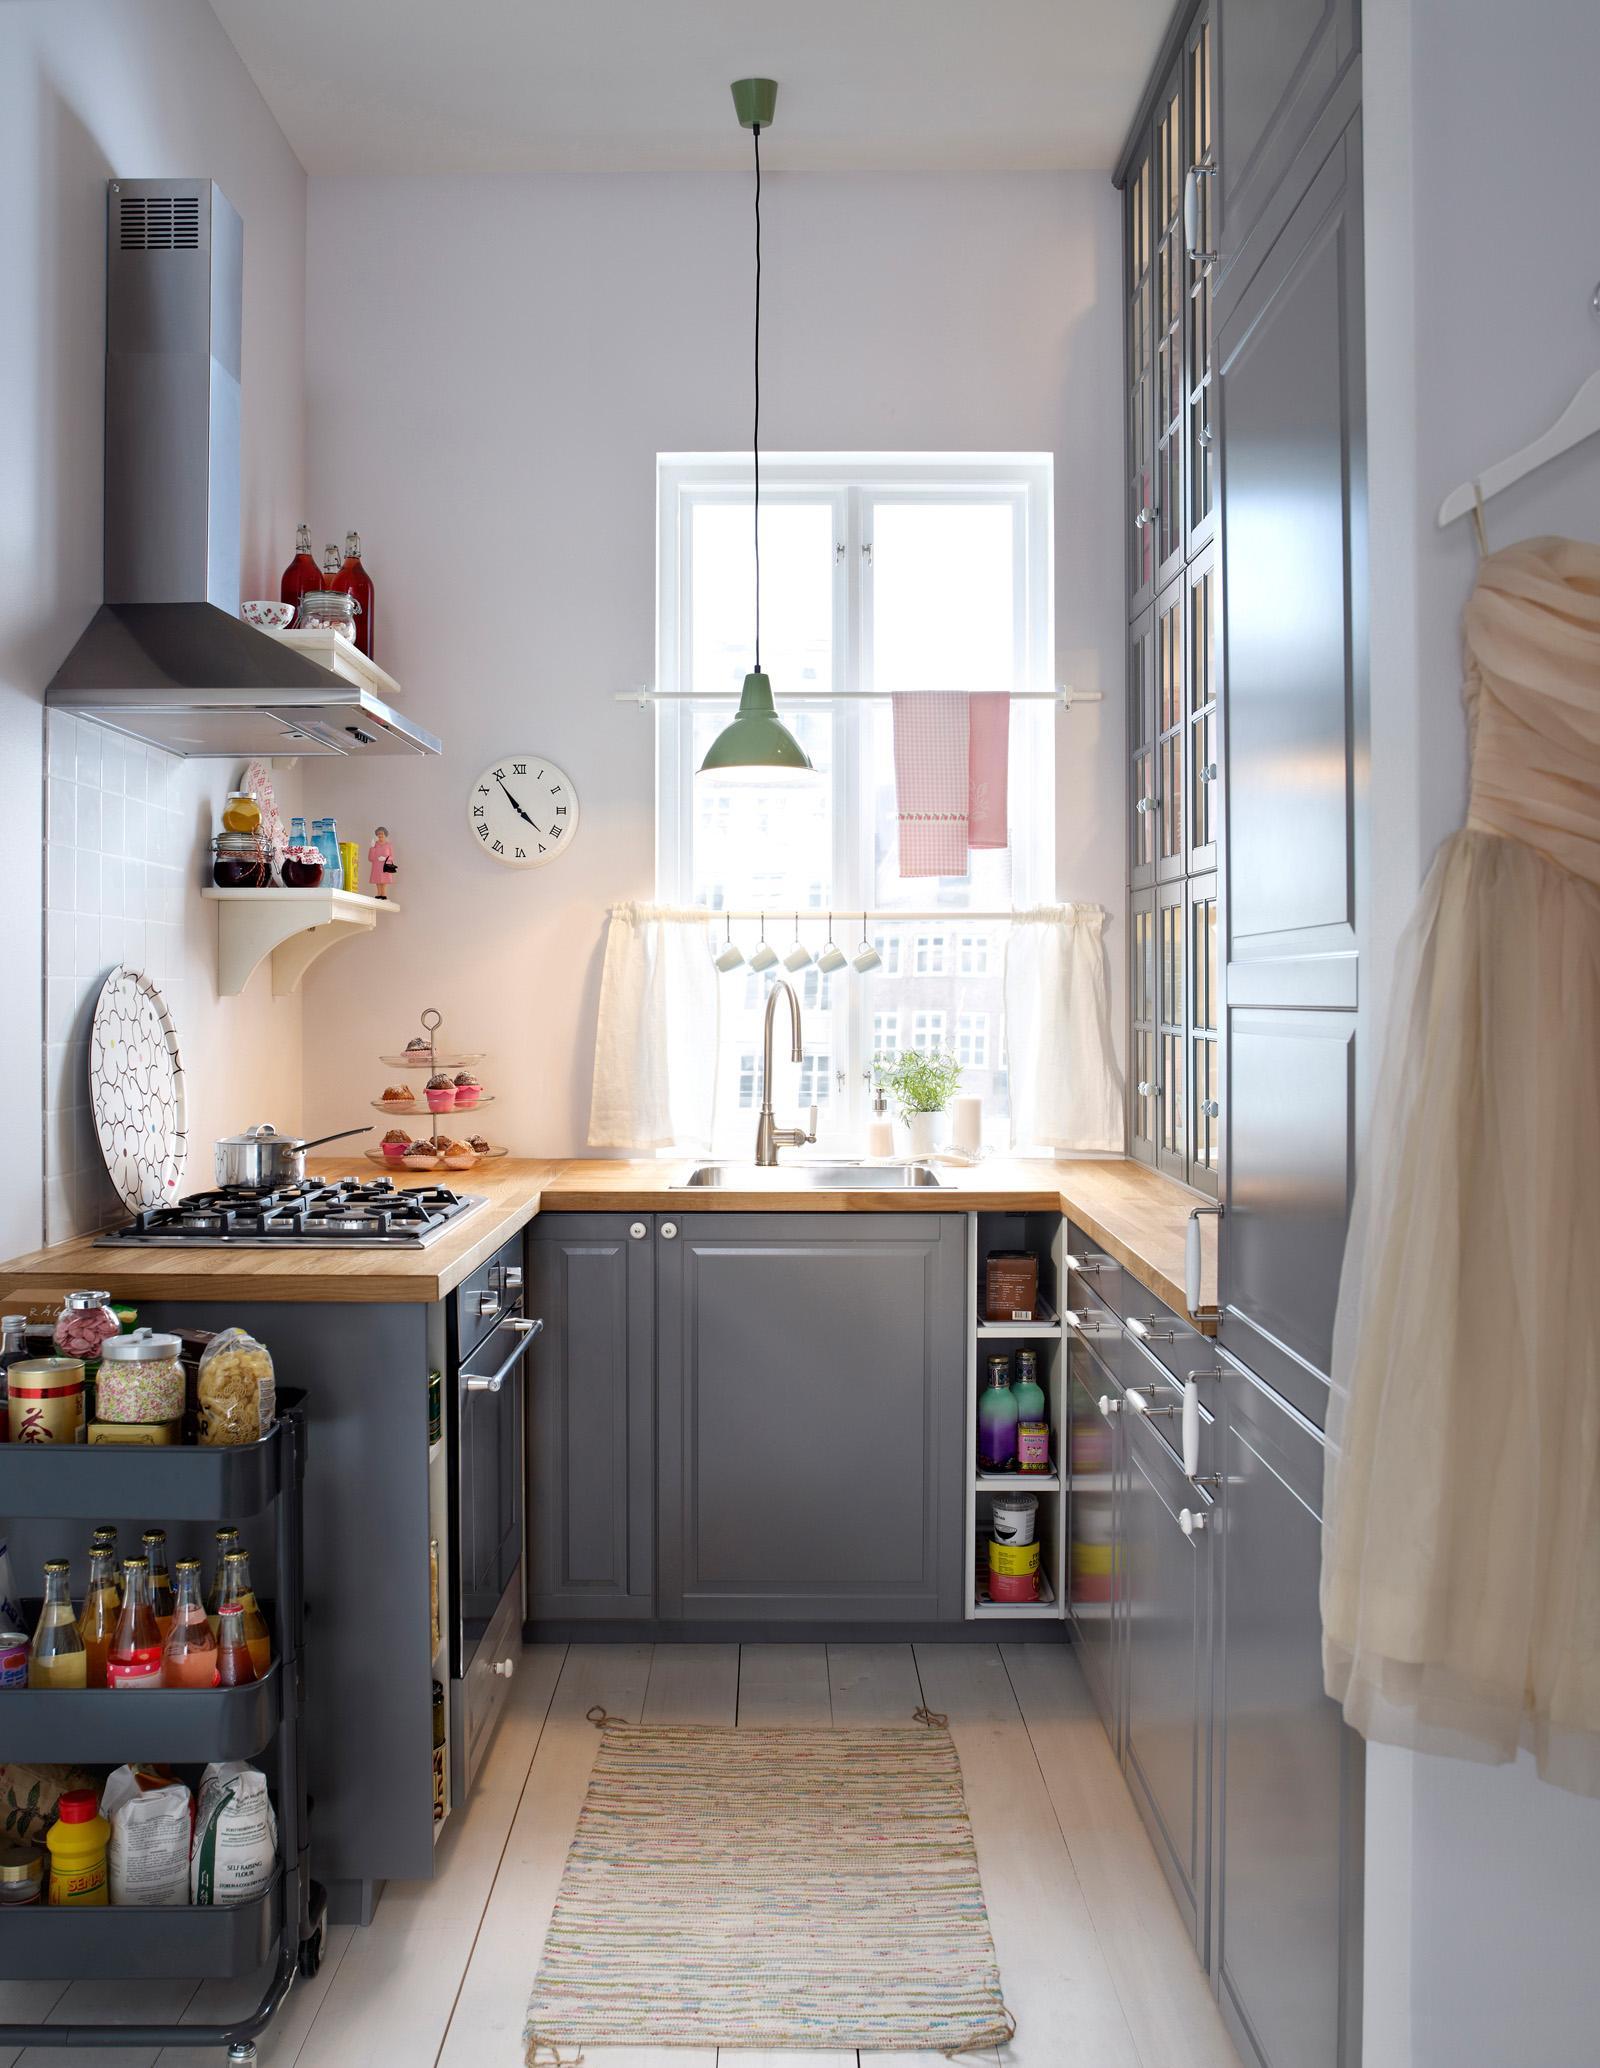 Full Size of Miniküchen Ikea Single Kche Bilder Ideen Couch Betten Bei Küche Kosten Sofa Mit Schlaffunktion Miniküche Kaufen 160x200 Modulküche Wohnzimmer Miniküchen Ikea